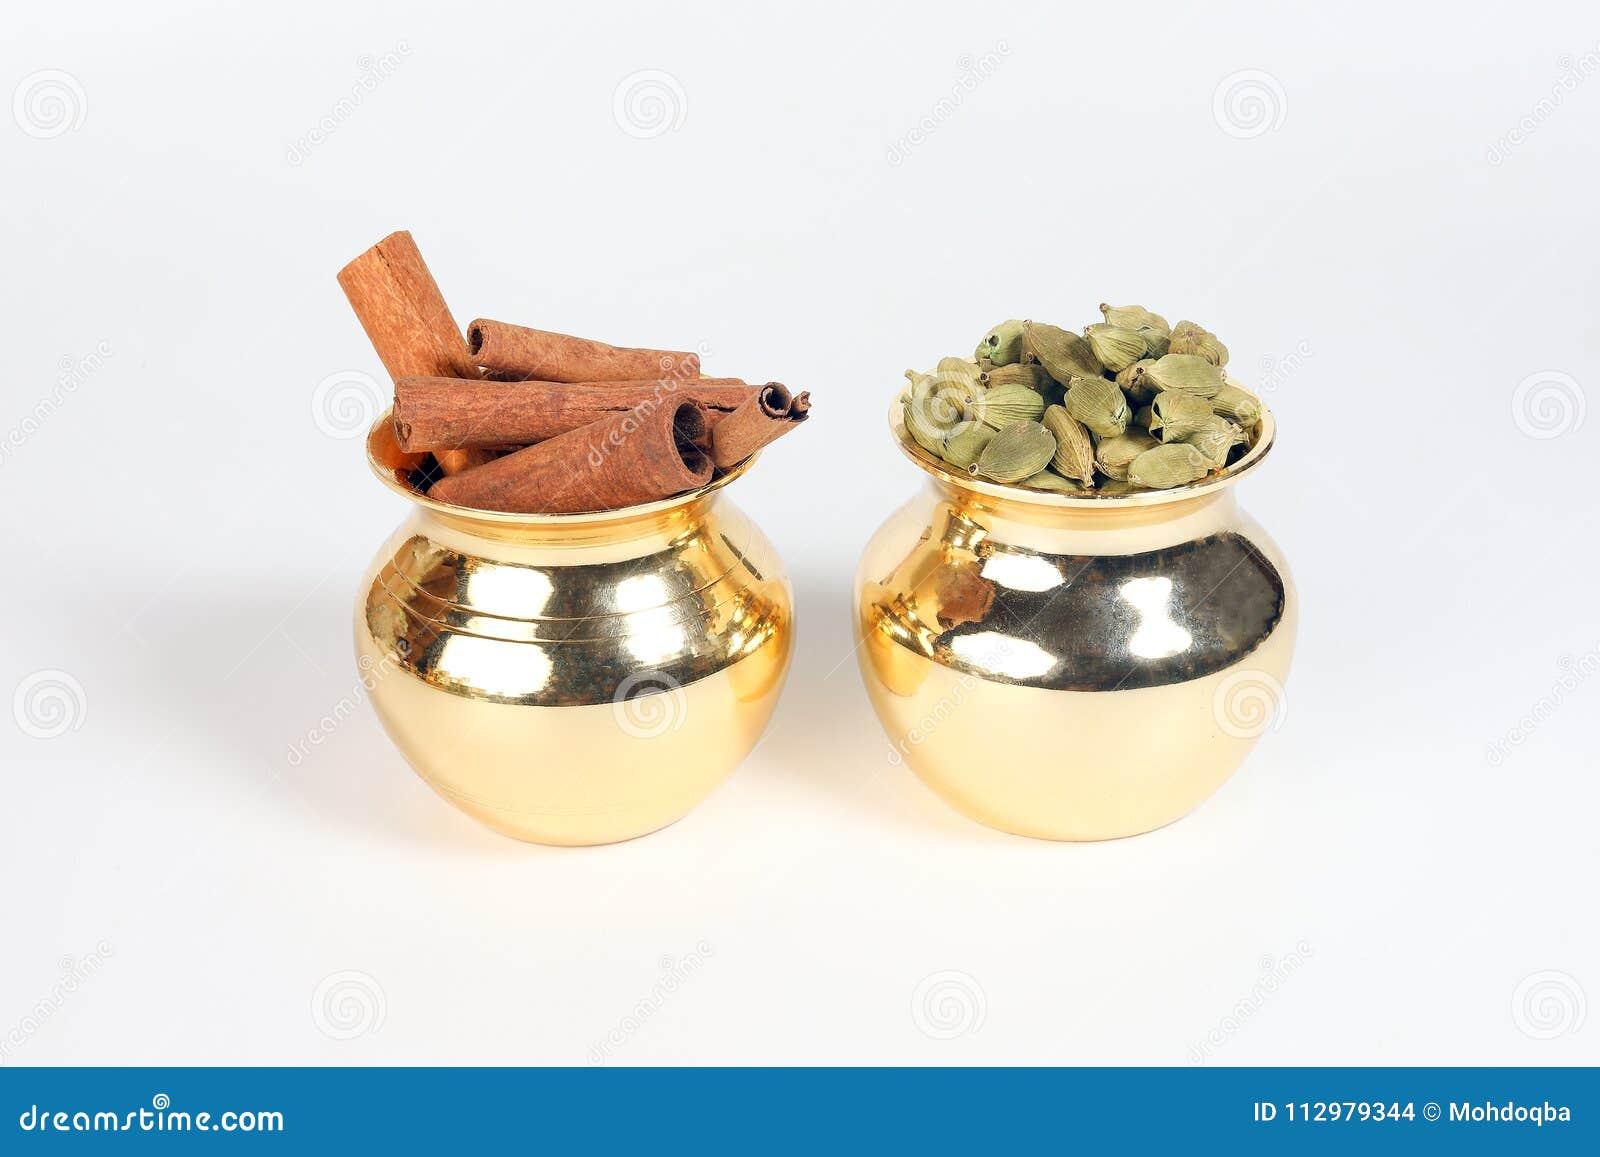 Cinnamon cardamom spice in shiny metal pot